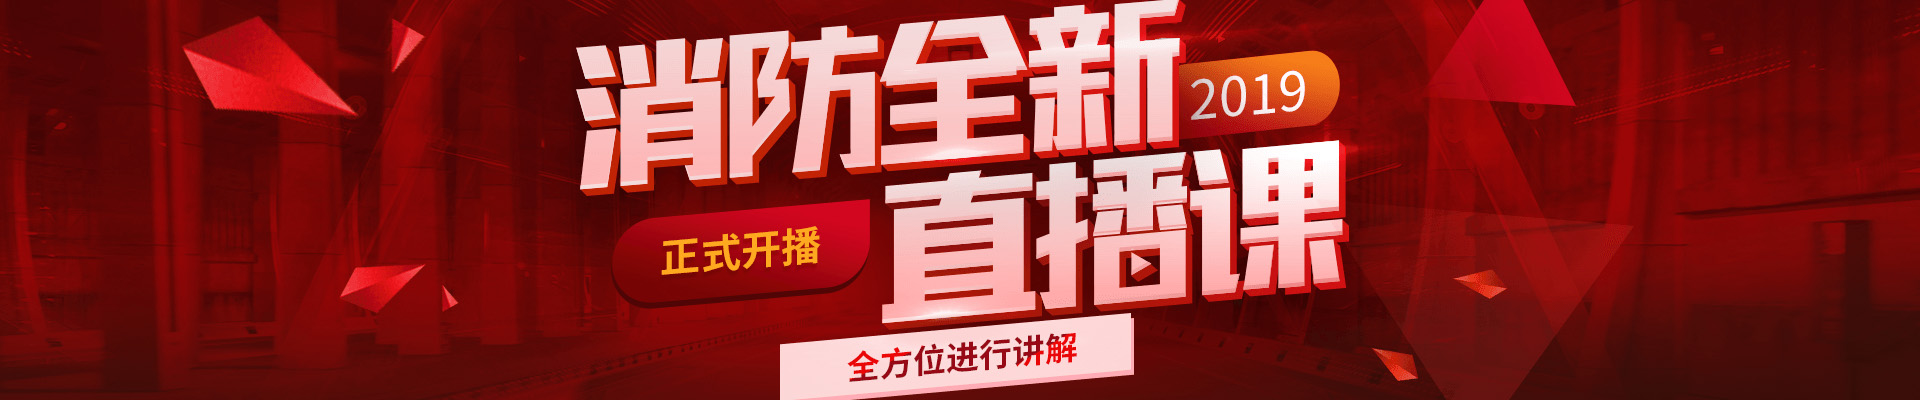 江苏南通优路教育培训学校